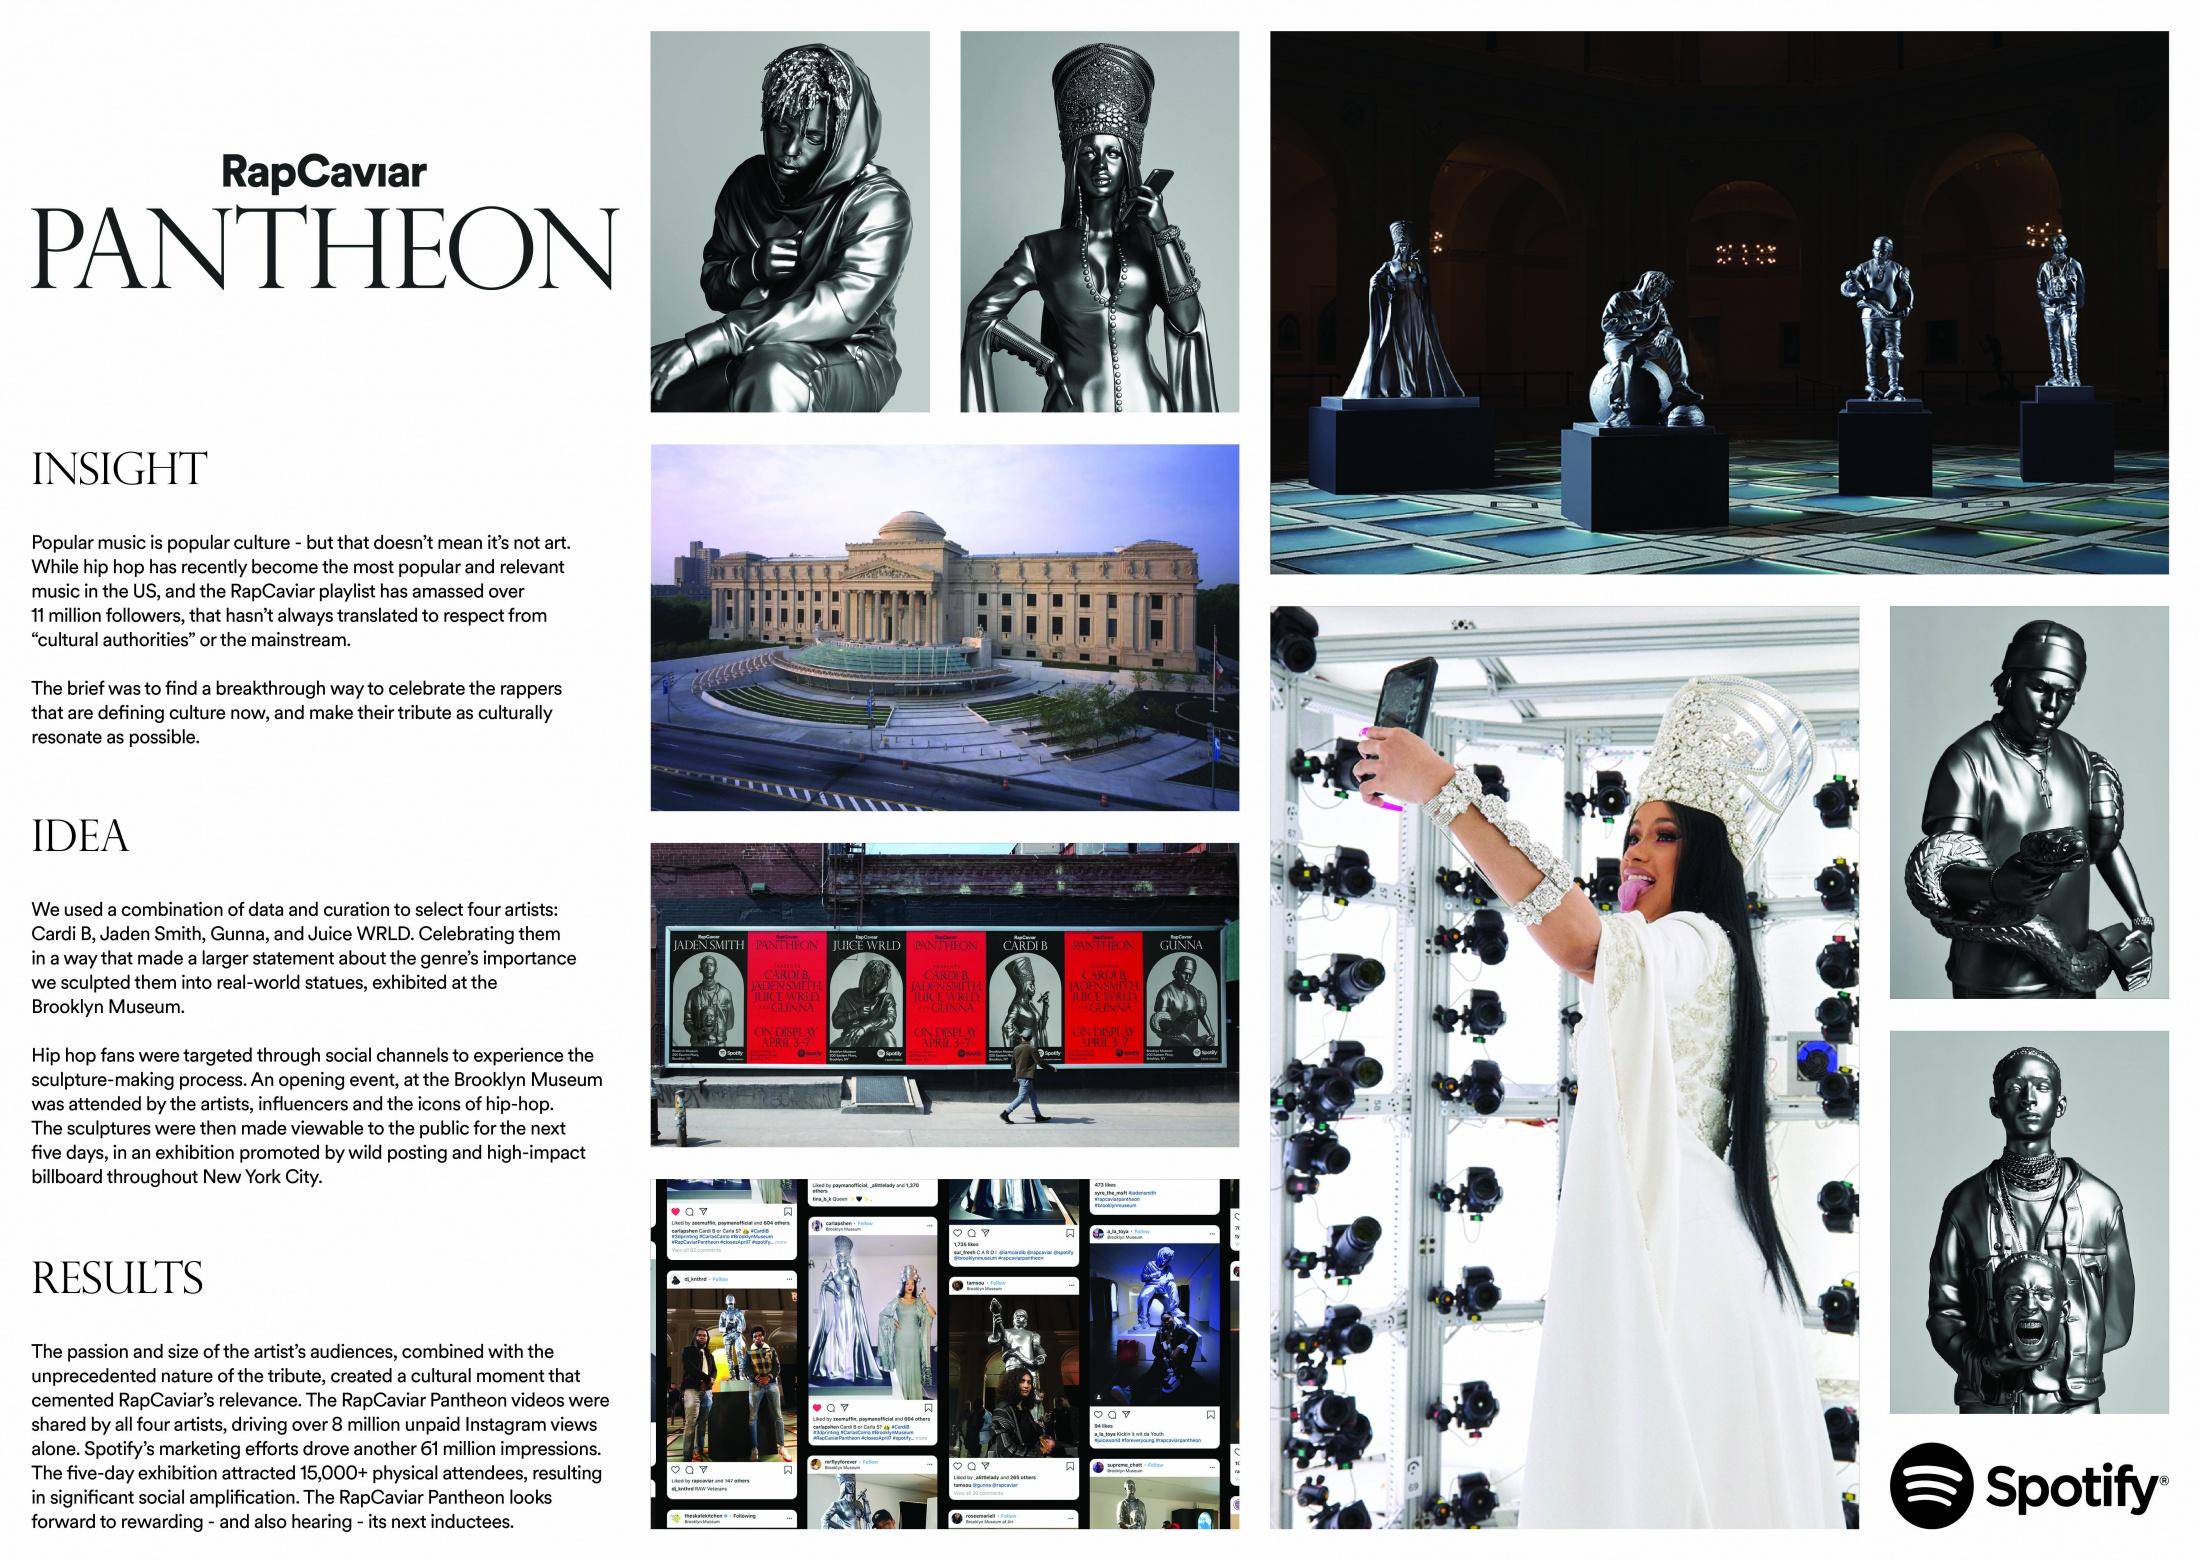 Thumbnail for Pantheon